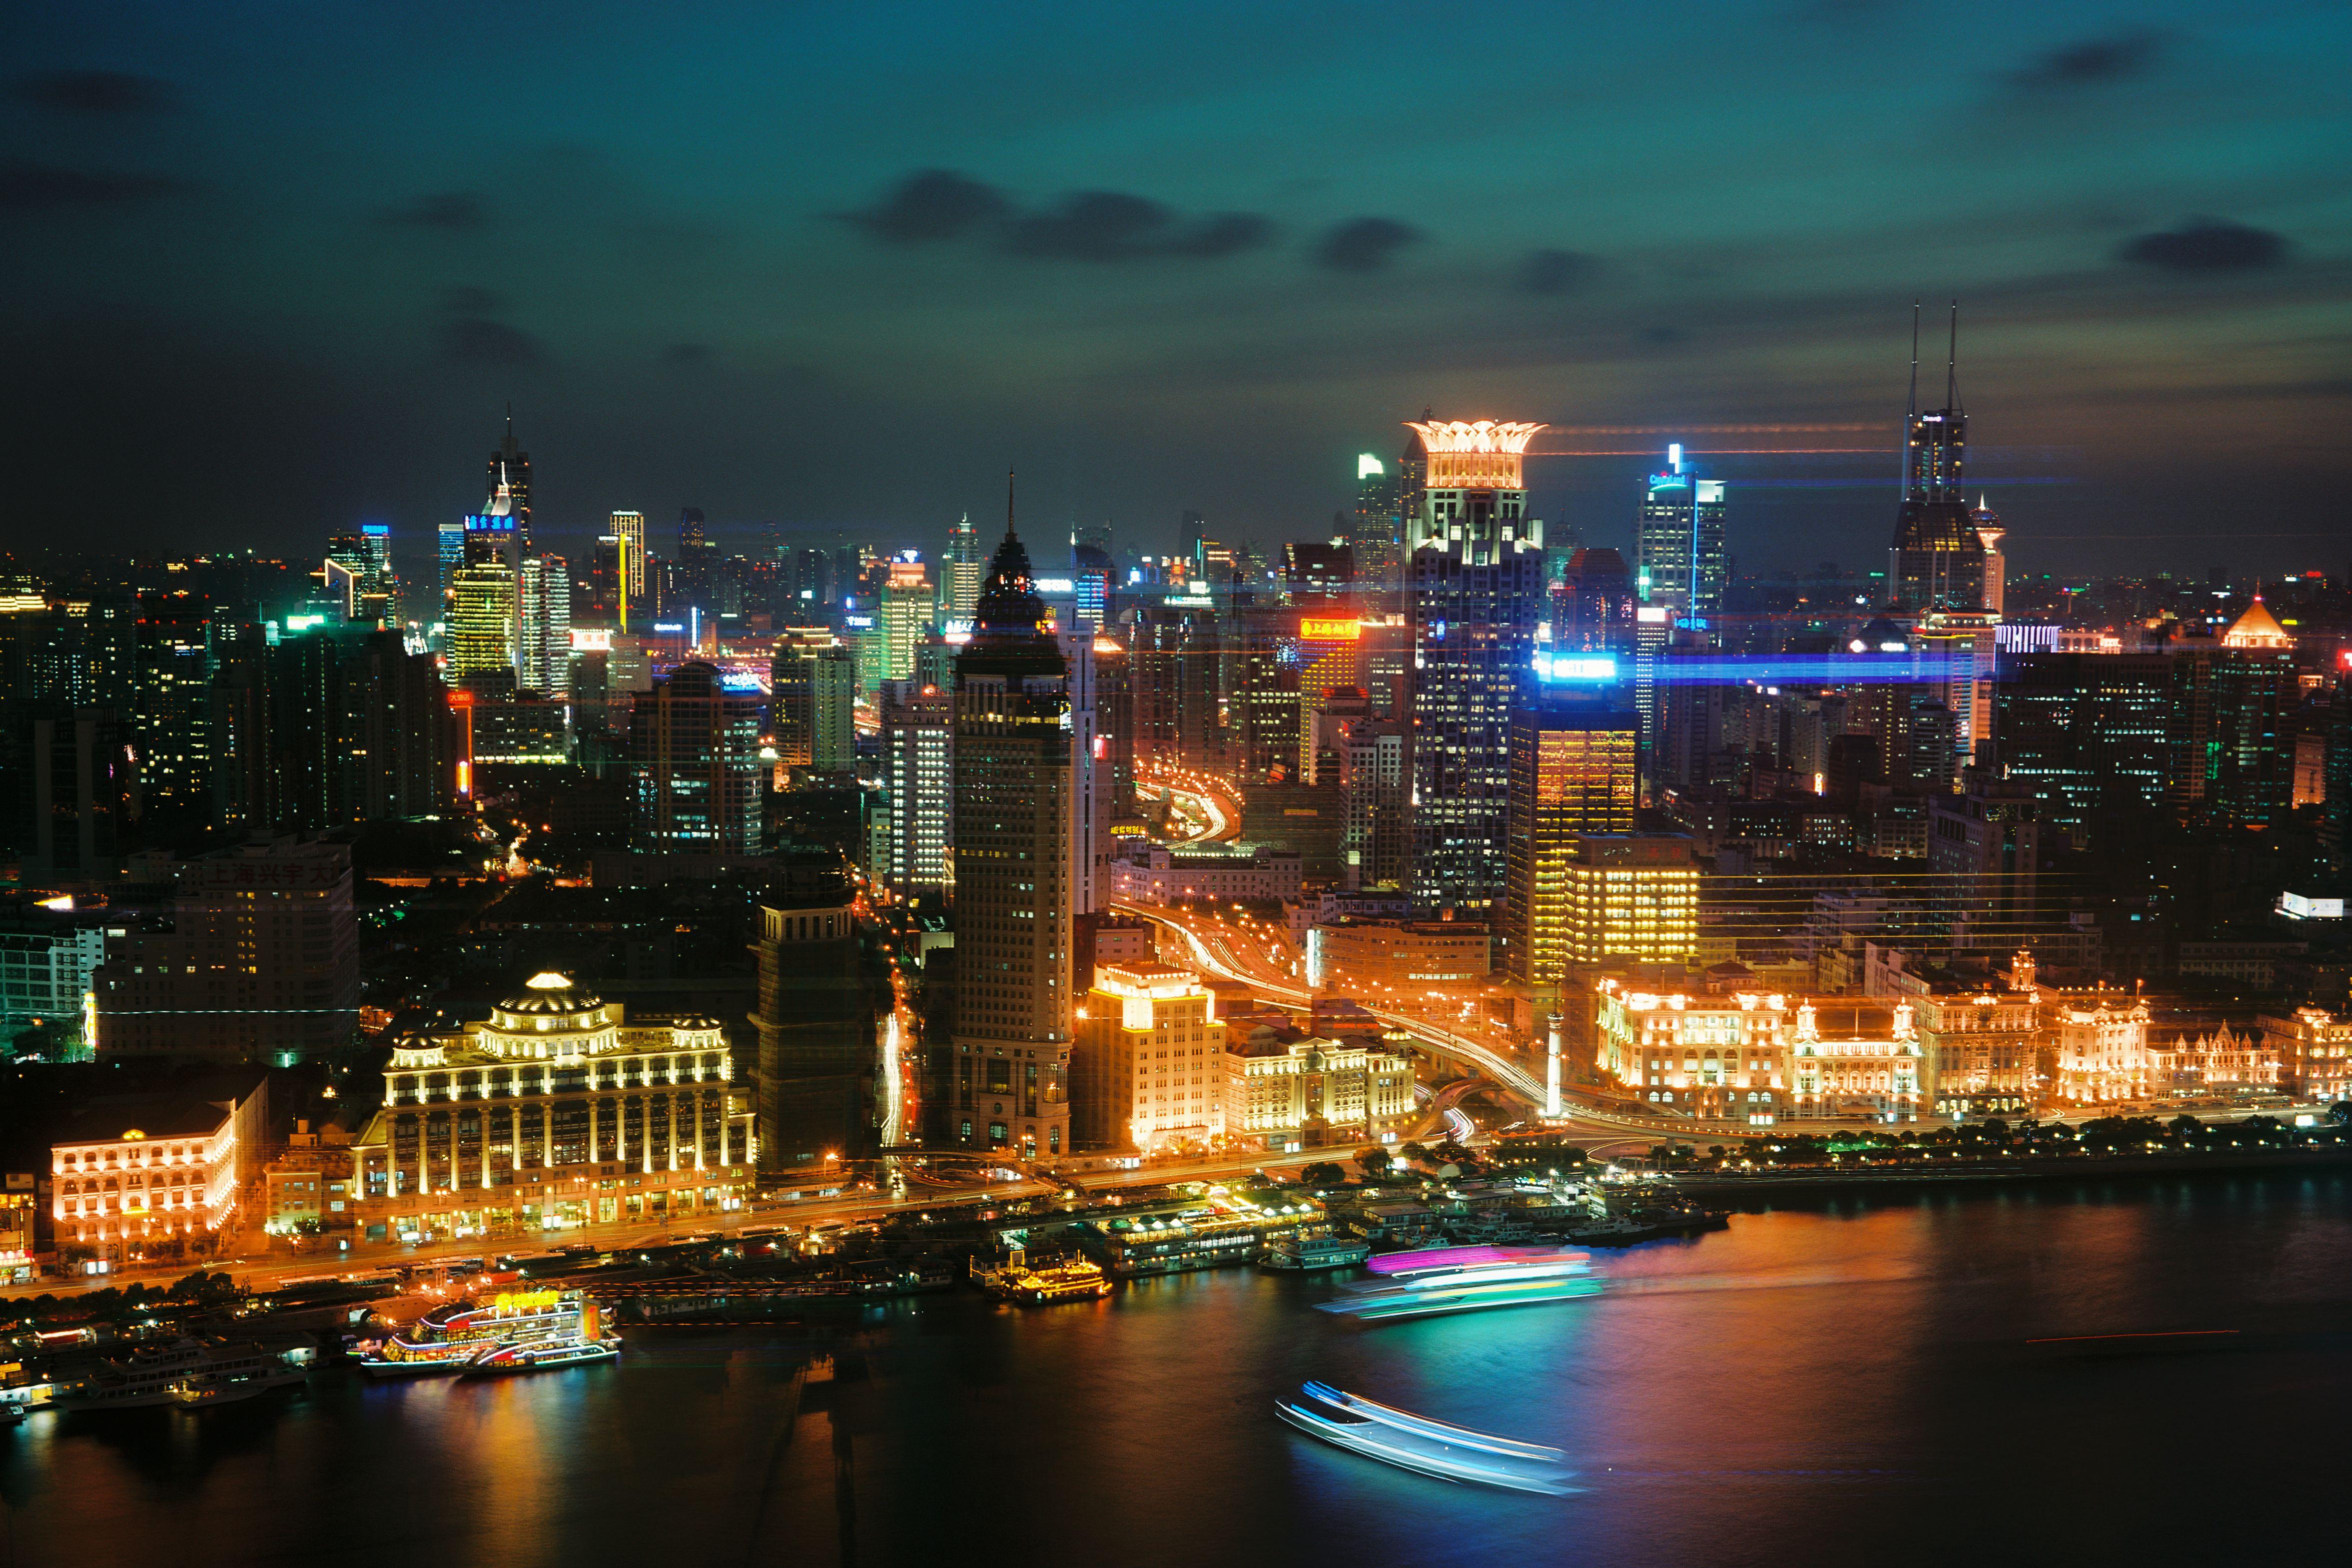 為了控管「大城市病」的發生,中國的金融中心上海計畫於2035年前,限縮其城市人口數在2,500萬人以下。(圖片來源:Pexels)